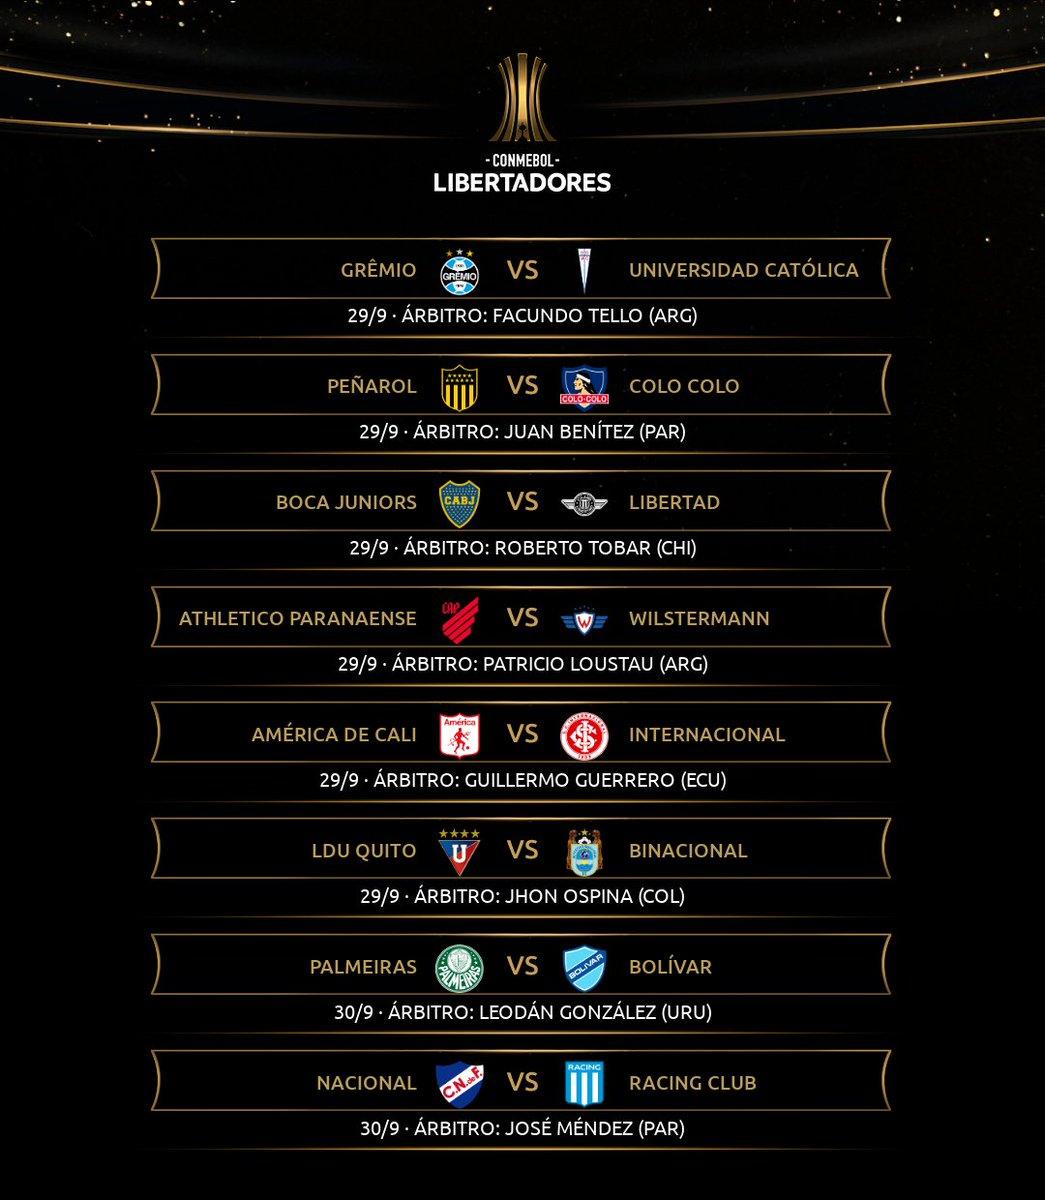 🥰 Mañana comienza una nueva semana de #Libertadores con 16 encuentros por disputarse entre #Martes y #Jueves.  ⚠️ En esta #Jornada5 muchos equipos podrían cerrar su clasificación a #Octavos. https://t.co/xWLhYebaFd